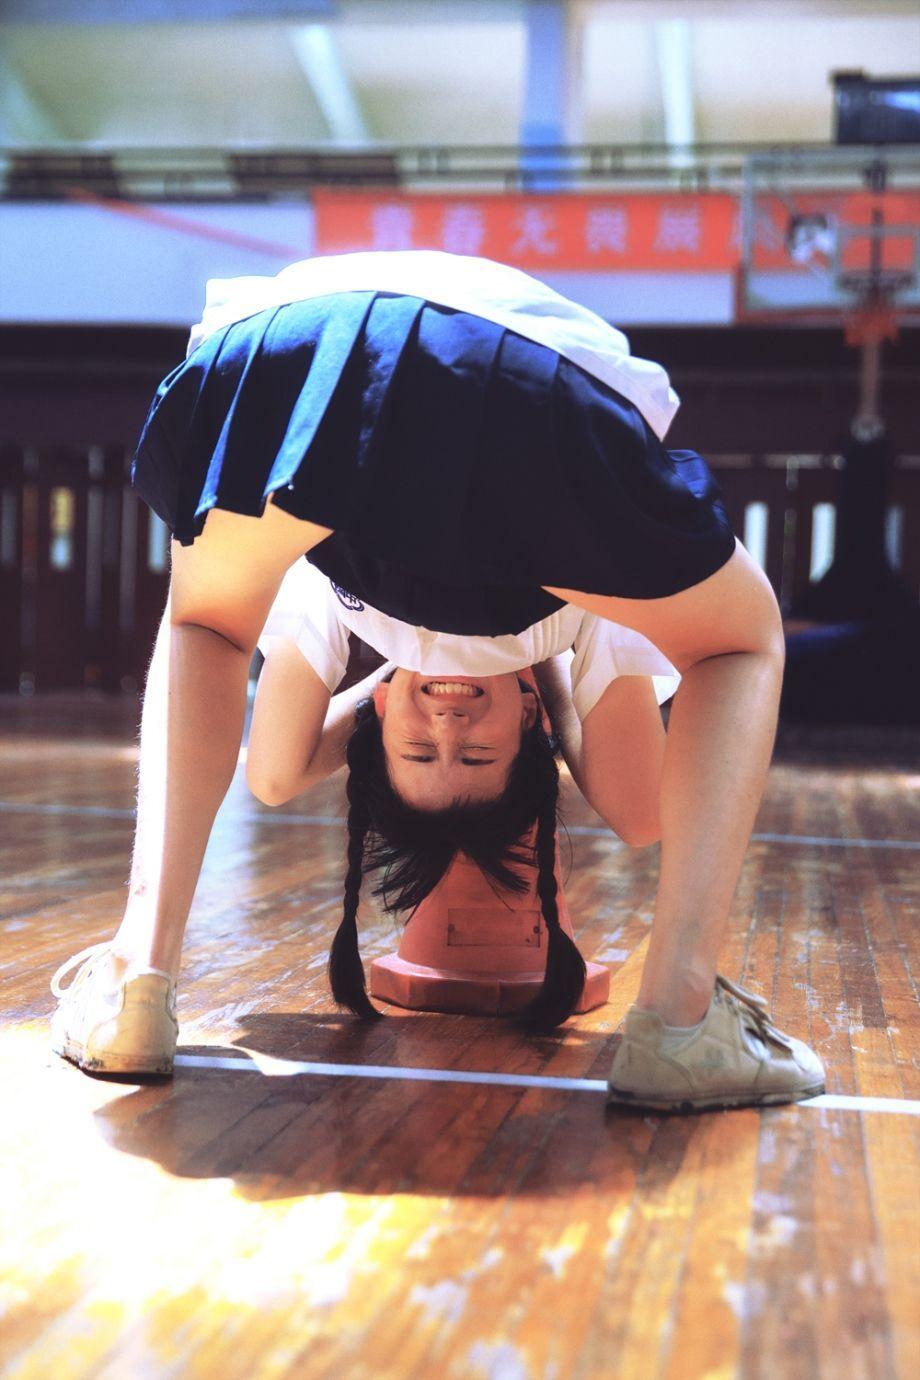 图片素材   来自cunapp(cnu_blank)   ,版权归原作者所有   摄影   jiǒ 得    摄影:  出镜:廖上觉和廖下觉   | cnu原创摄影推荐 |图片